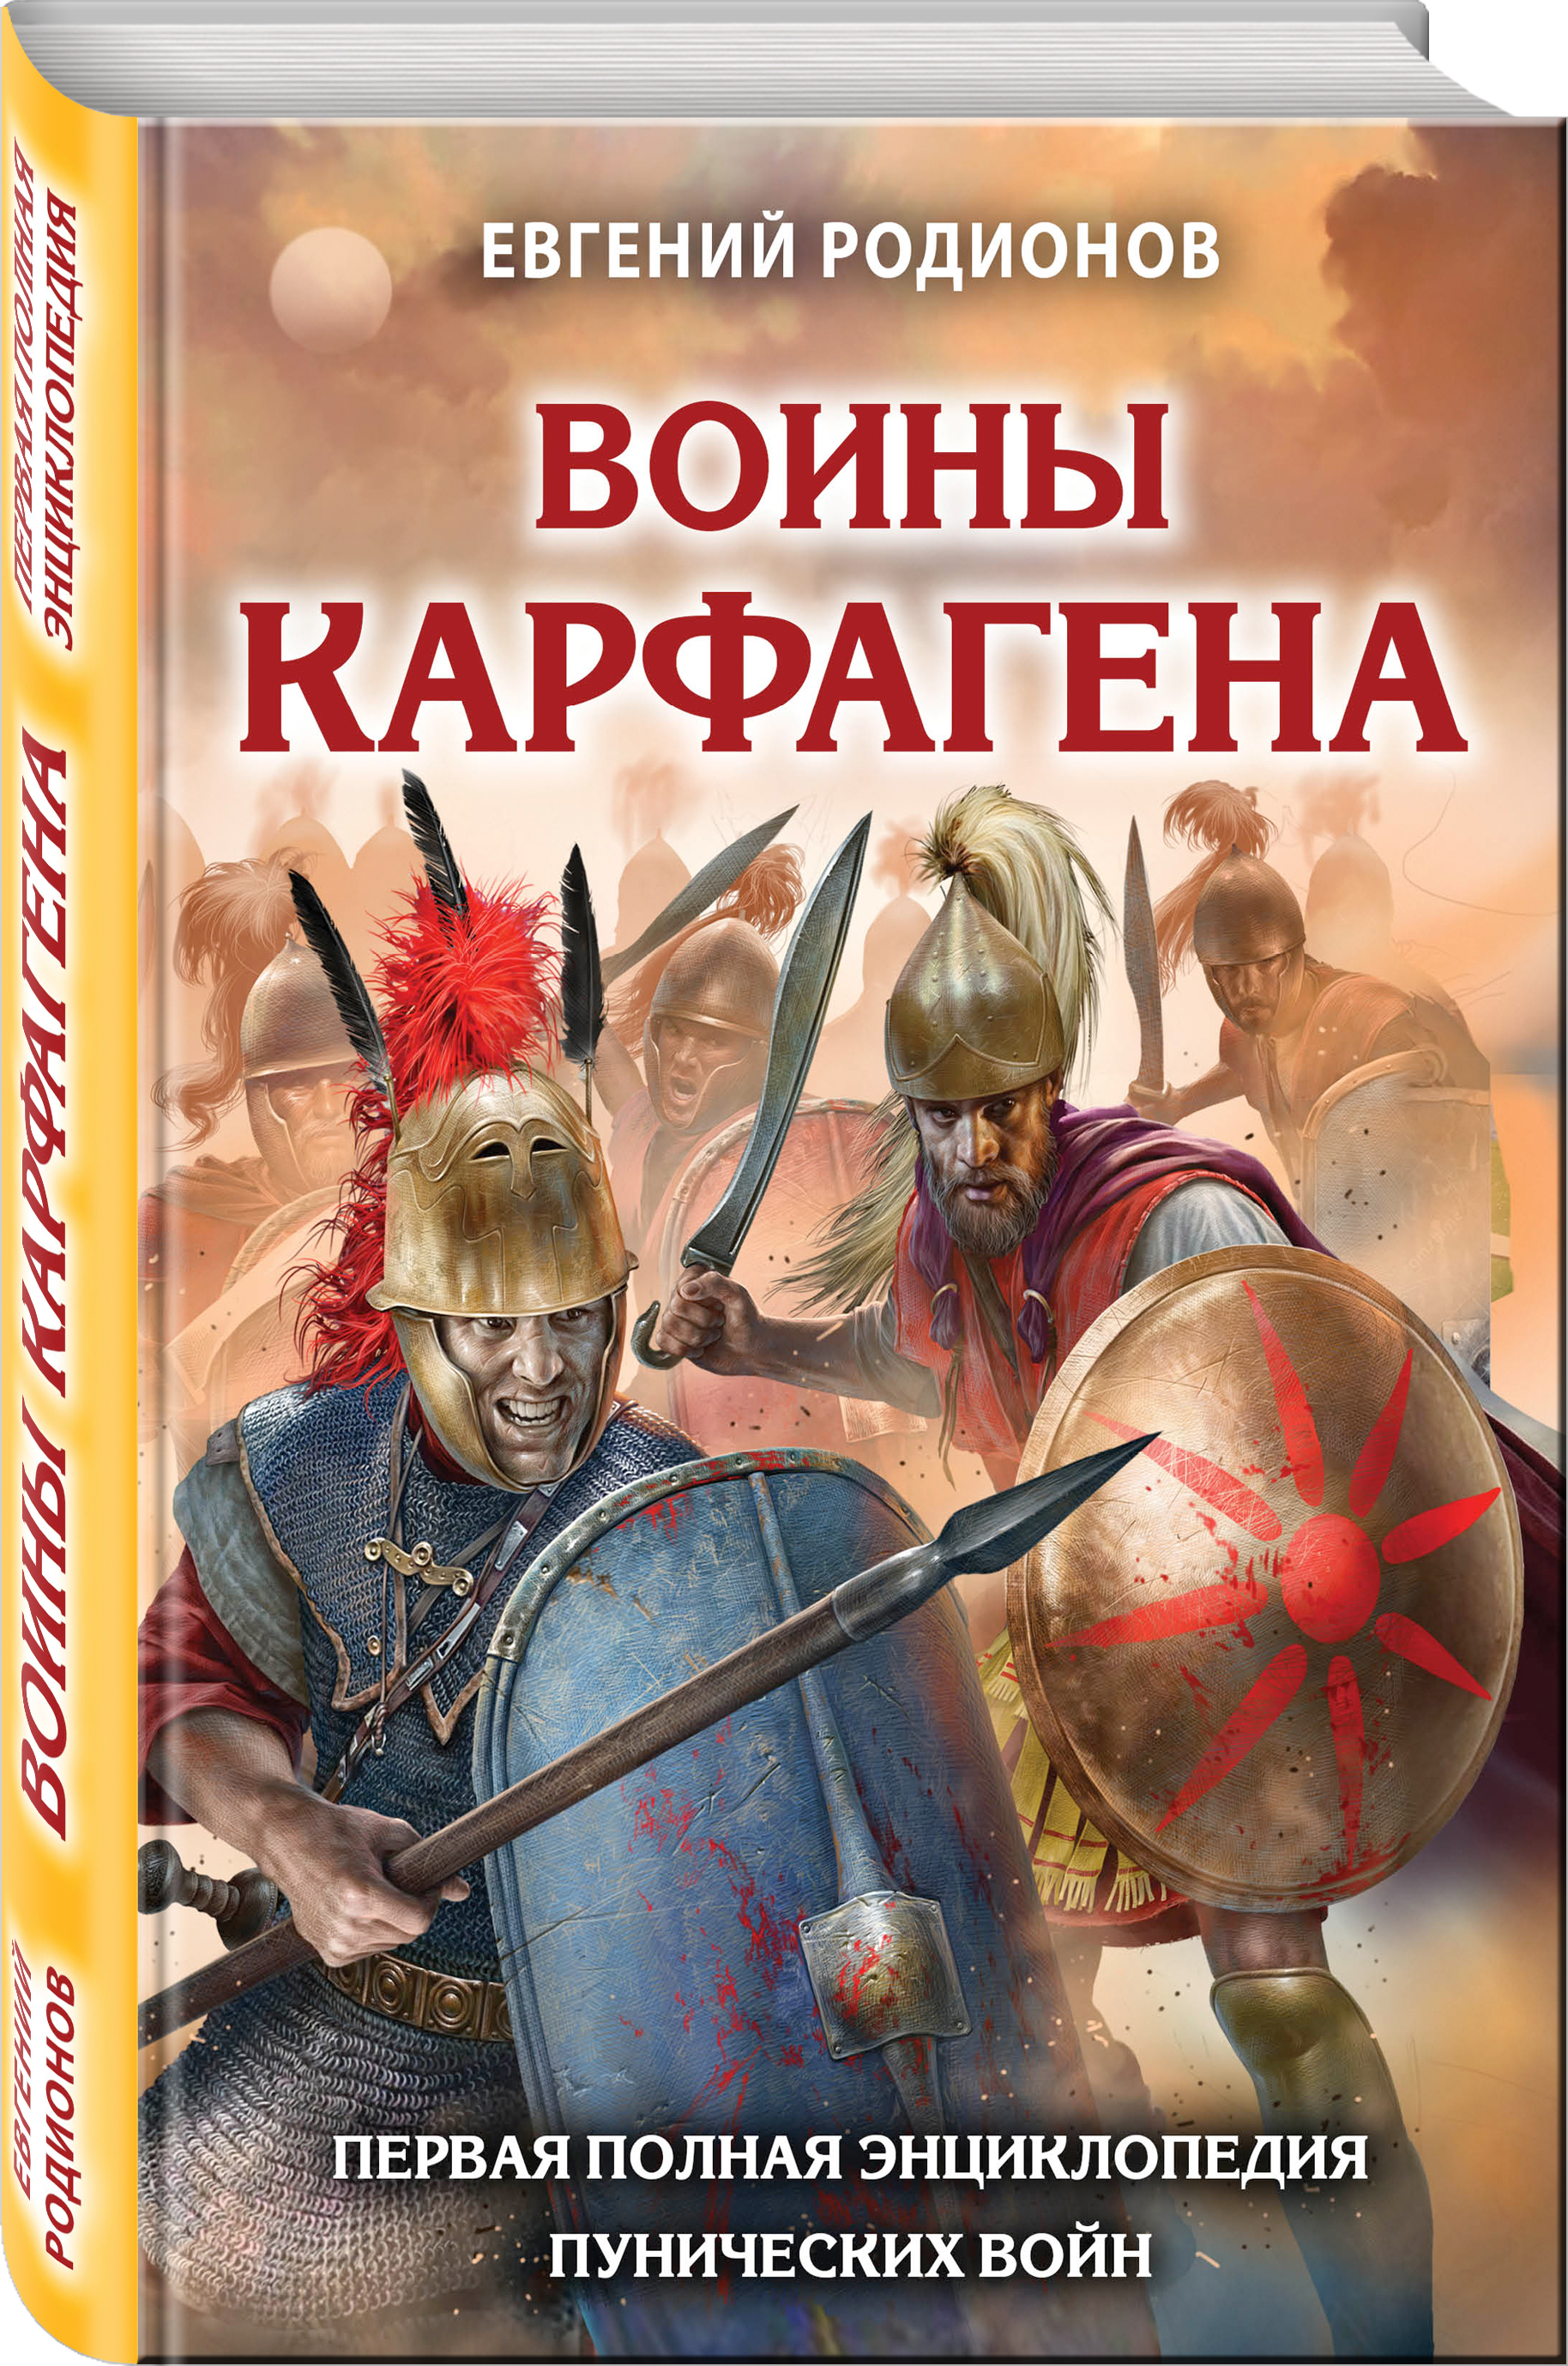 Родионов Евгений Воины Карфагена. Первая полная энциклопедия